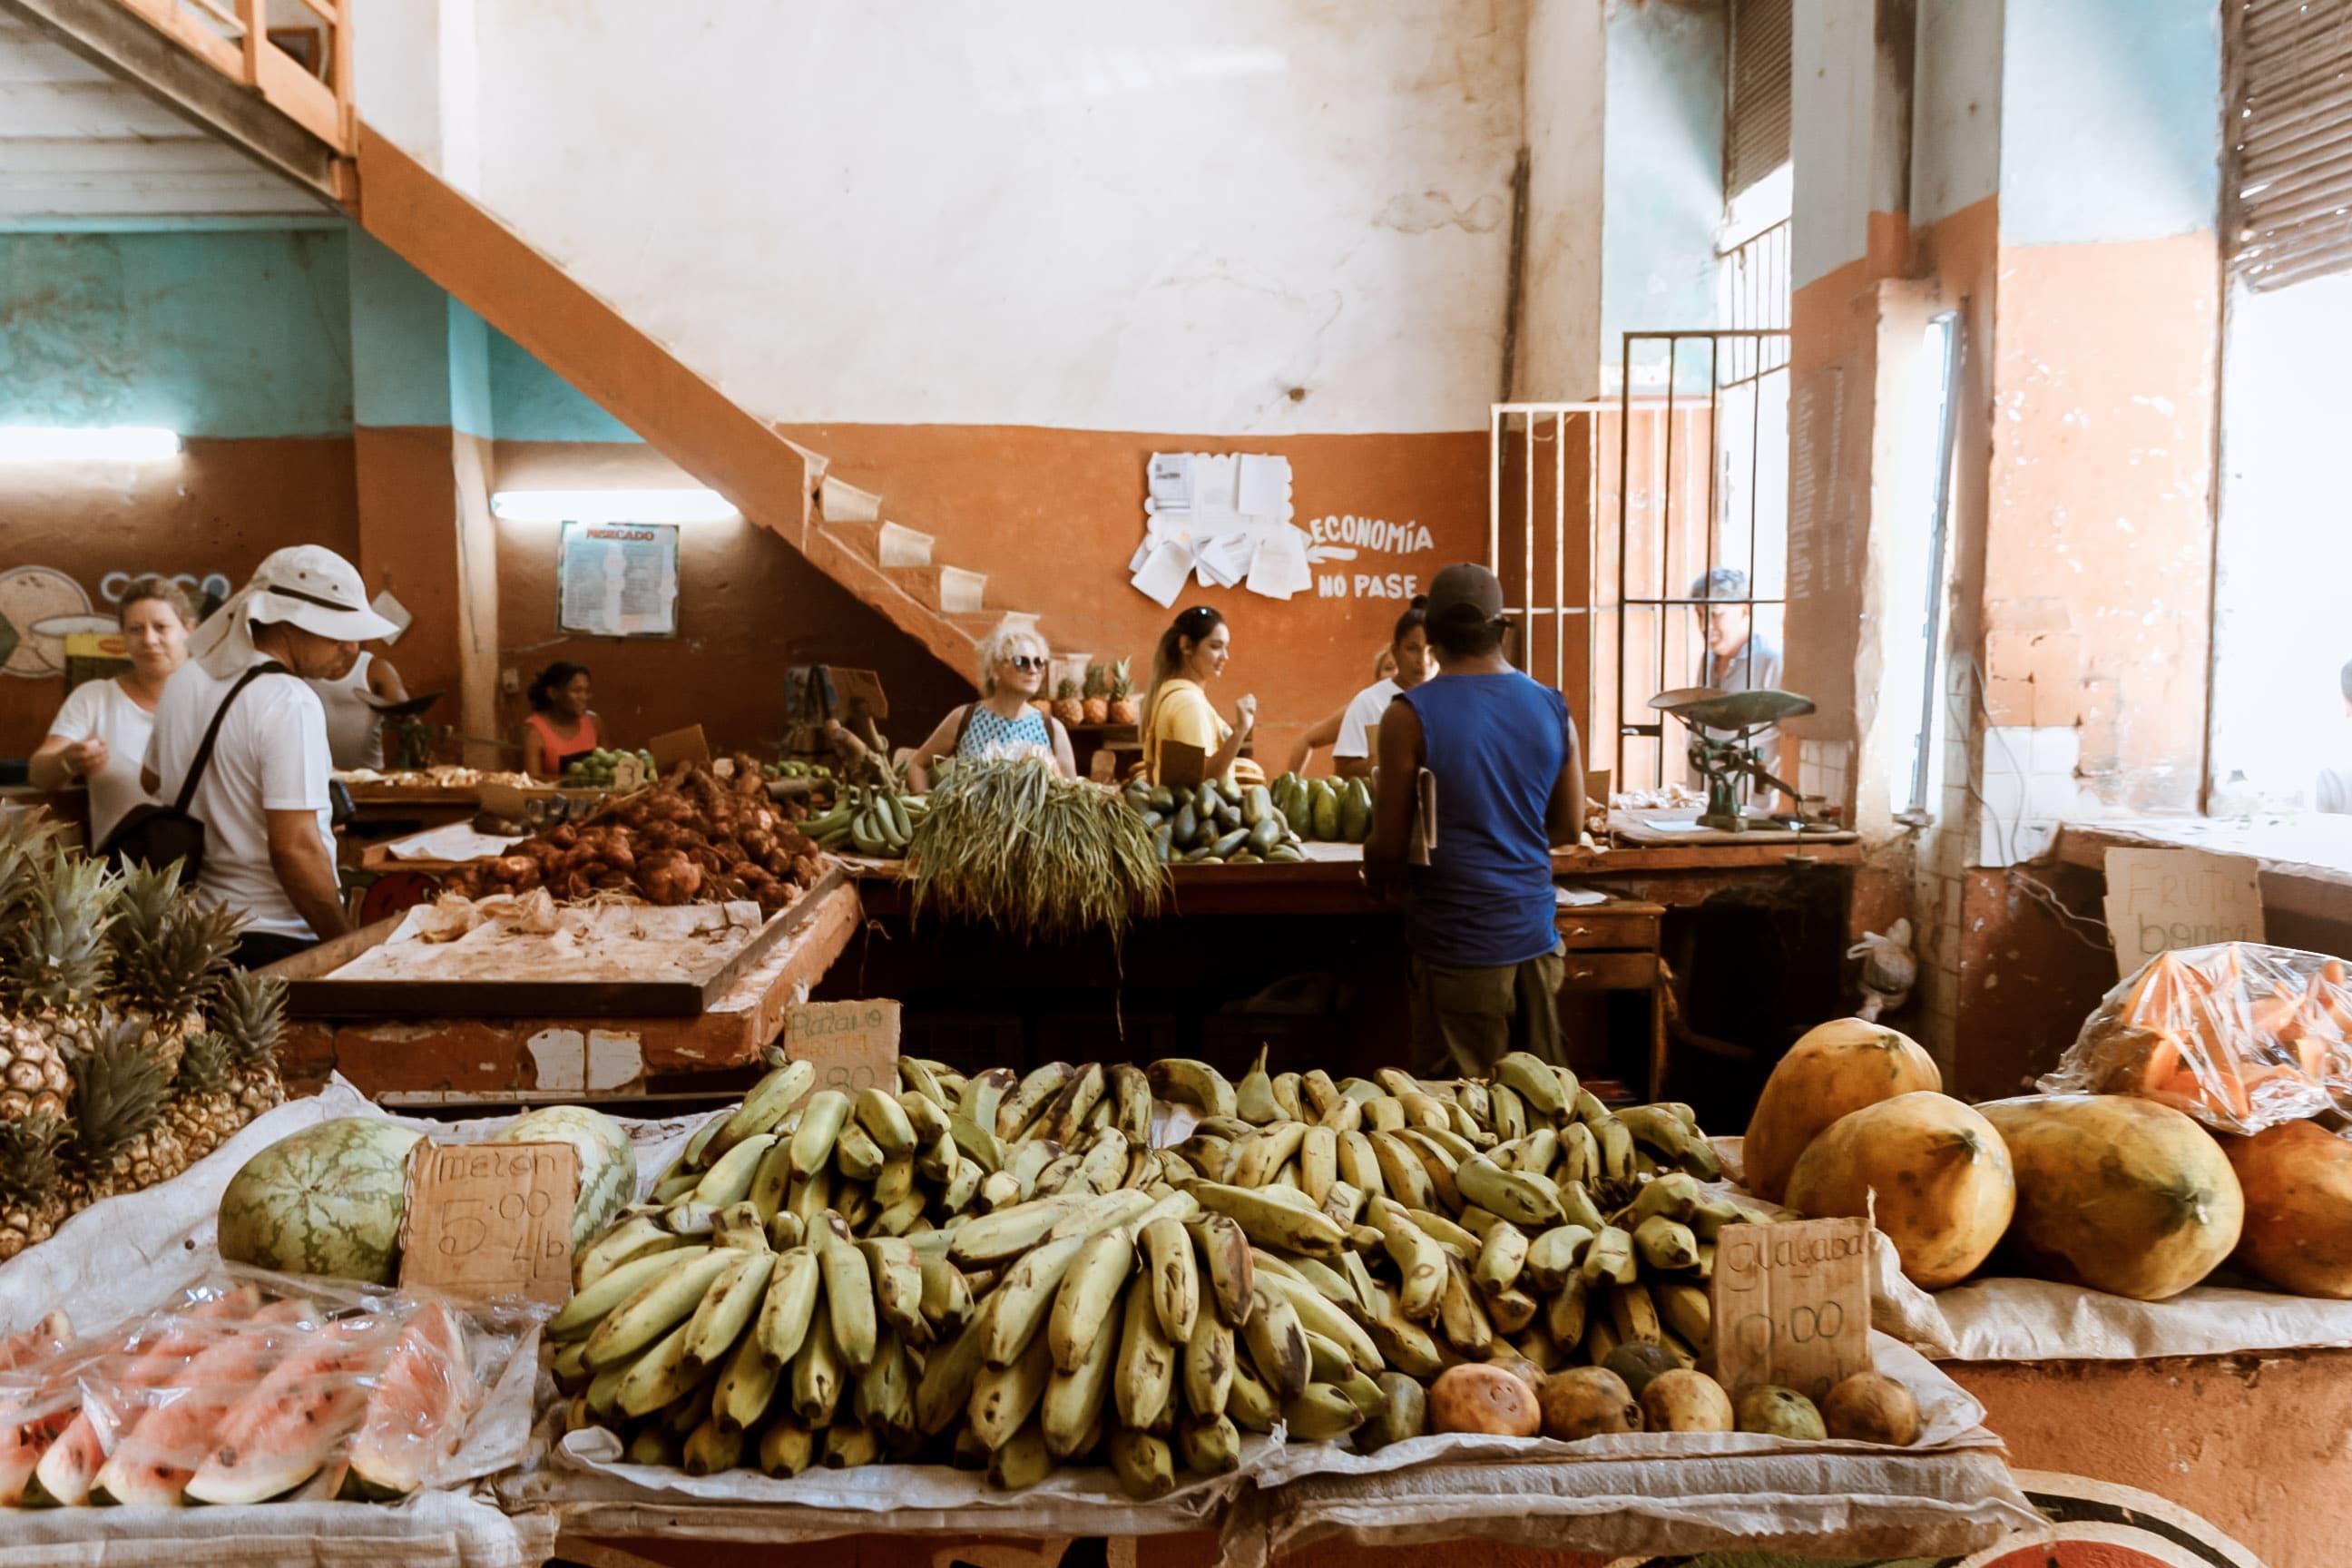 Obstladen in Kuba